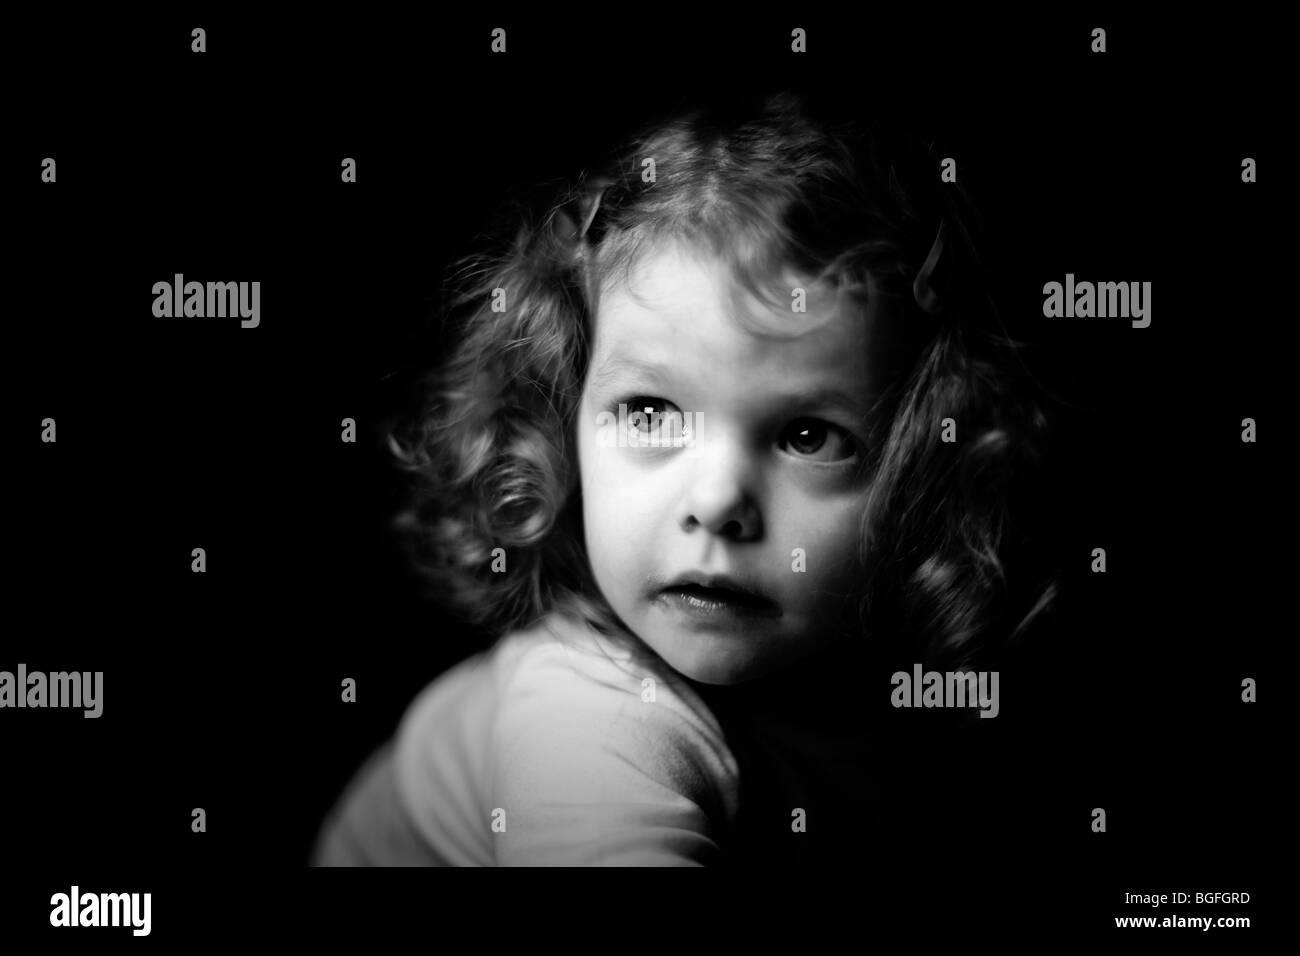 Photo en noir et blanc d'une fillette de trois ans dans l'éclairage dramatique. Fond noir. Photo Stock